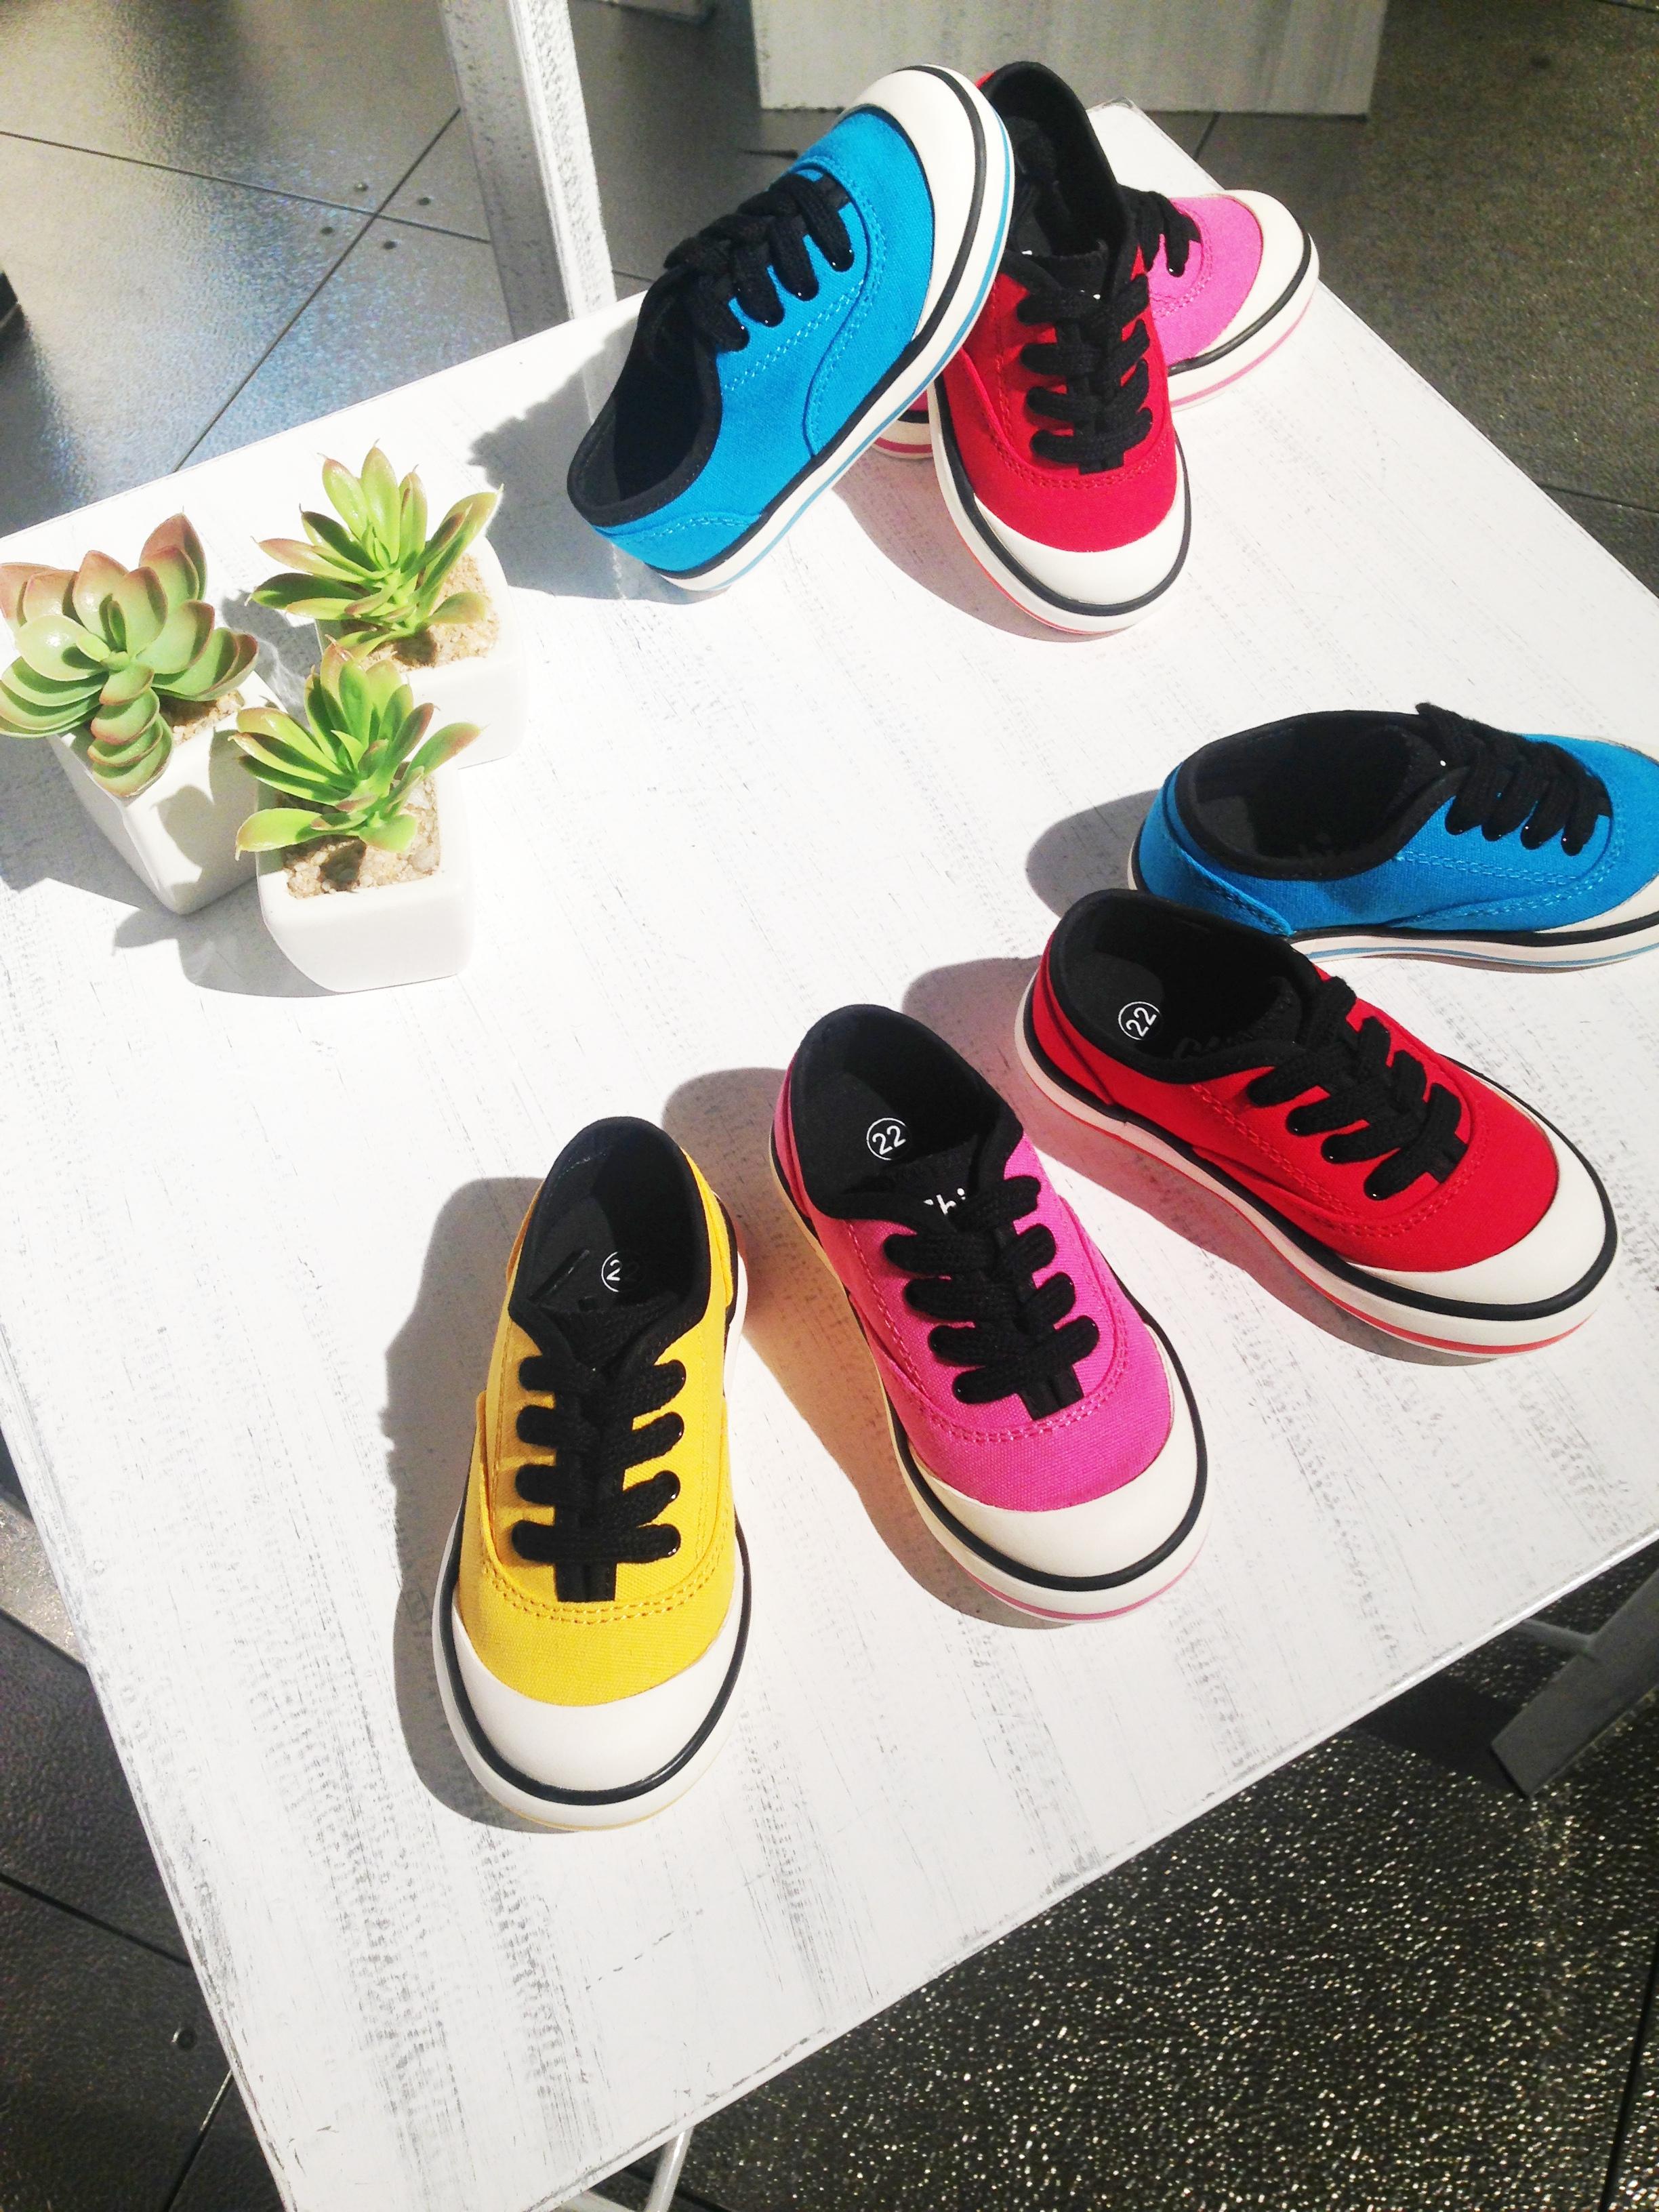 scarpe adidas 2016 primavera estate